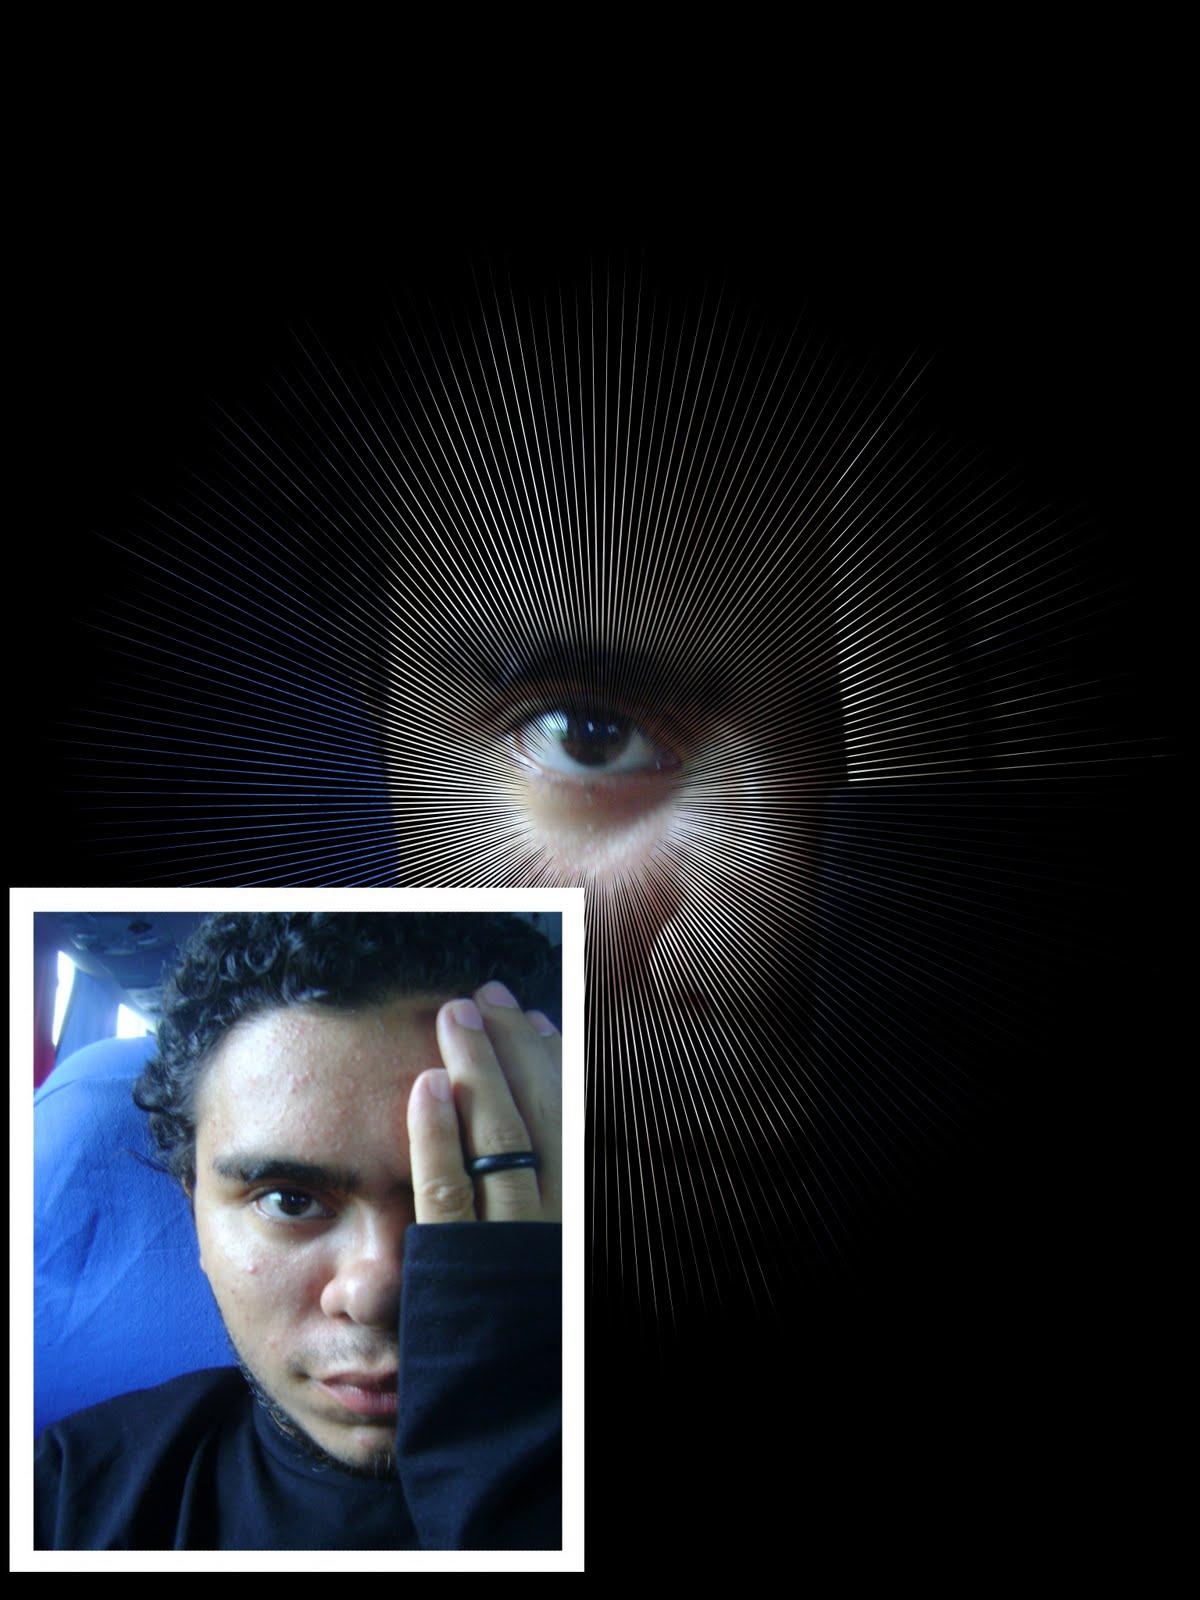 http://4.bp.blogspot.com/_5g3huKc6O_A/S-iaI0mqXNI/AAAAAAAAAA8/fNHbiou-6uI/s1600/Diego.jpg